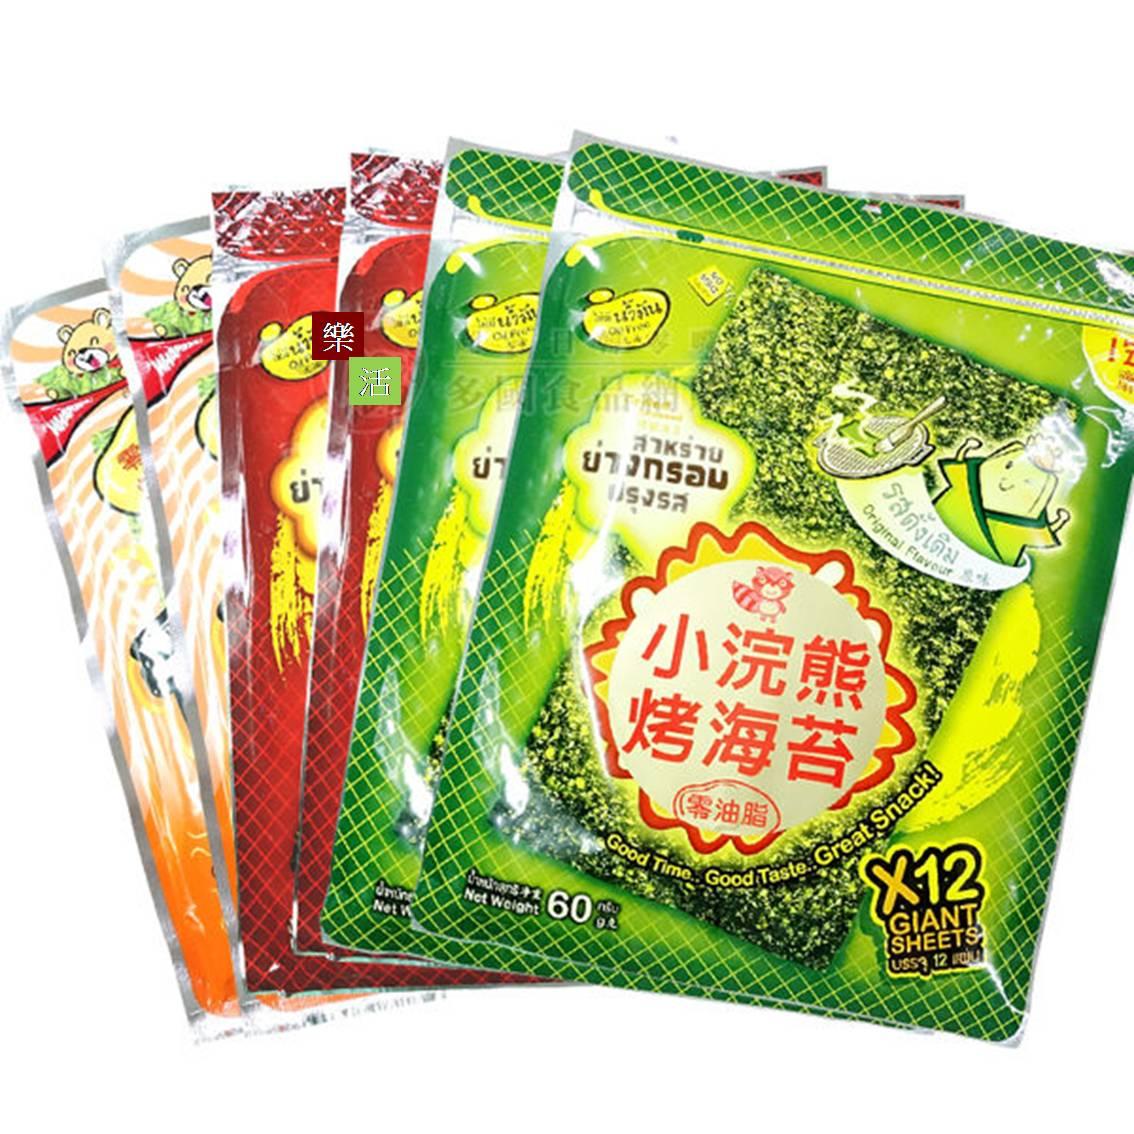 泰國 小浣熊烤海苔 素食 焦糖原味/辣味   【樂活生活館】